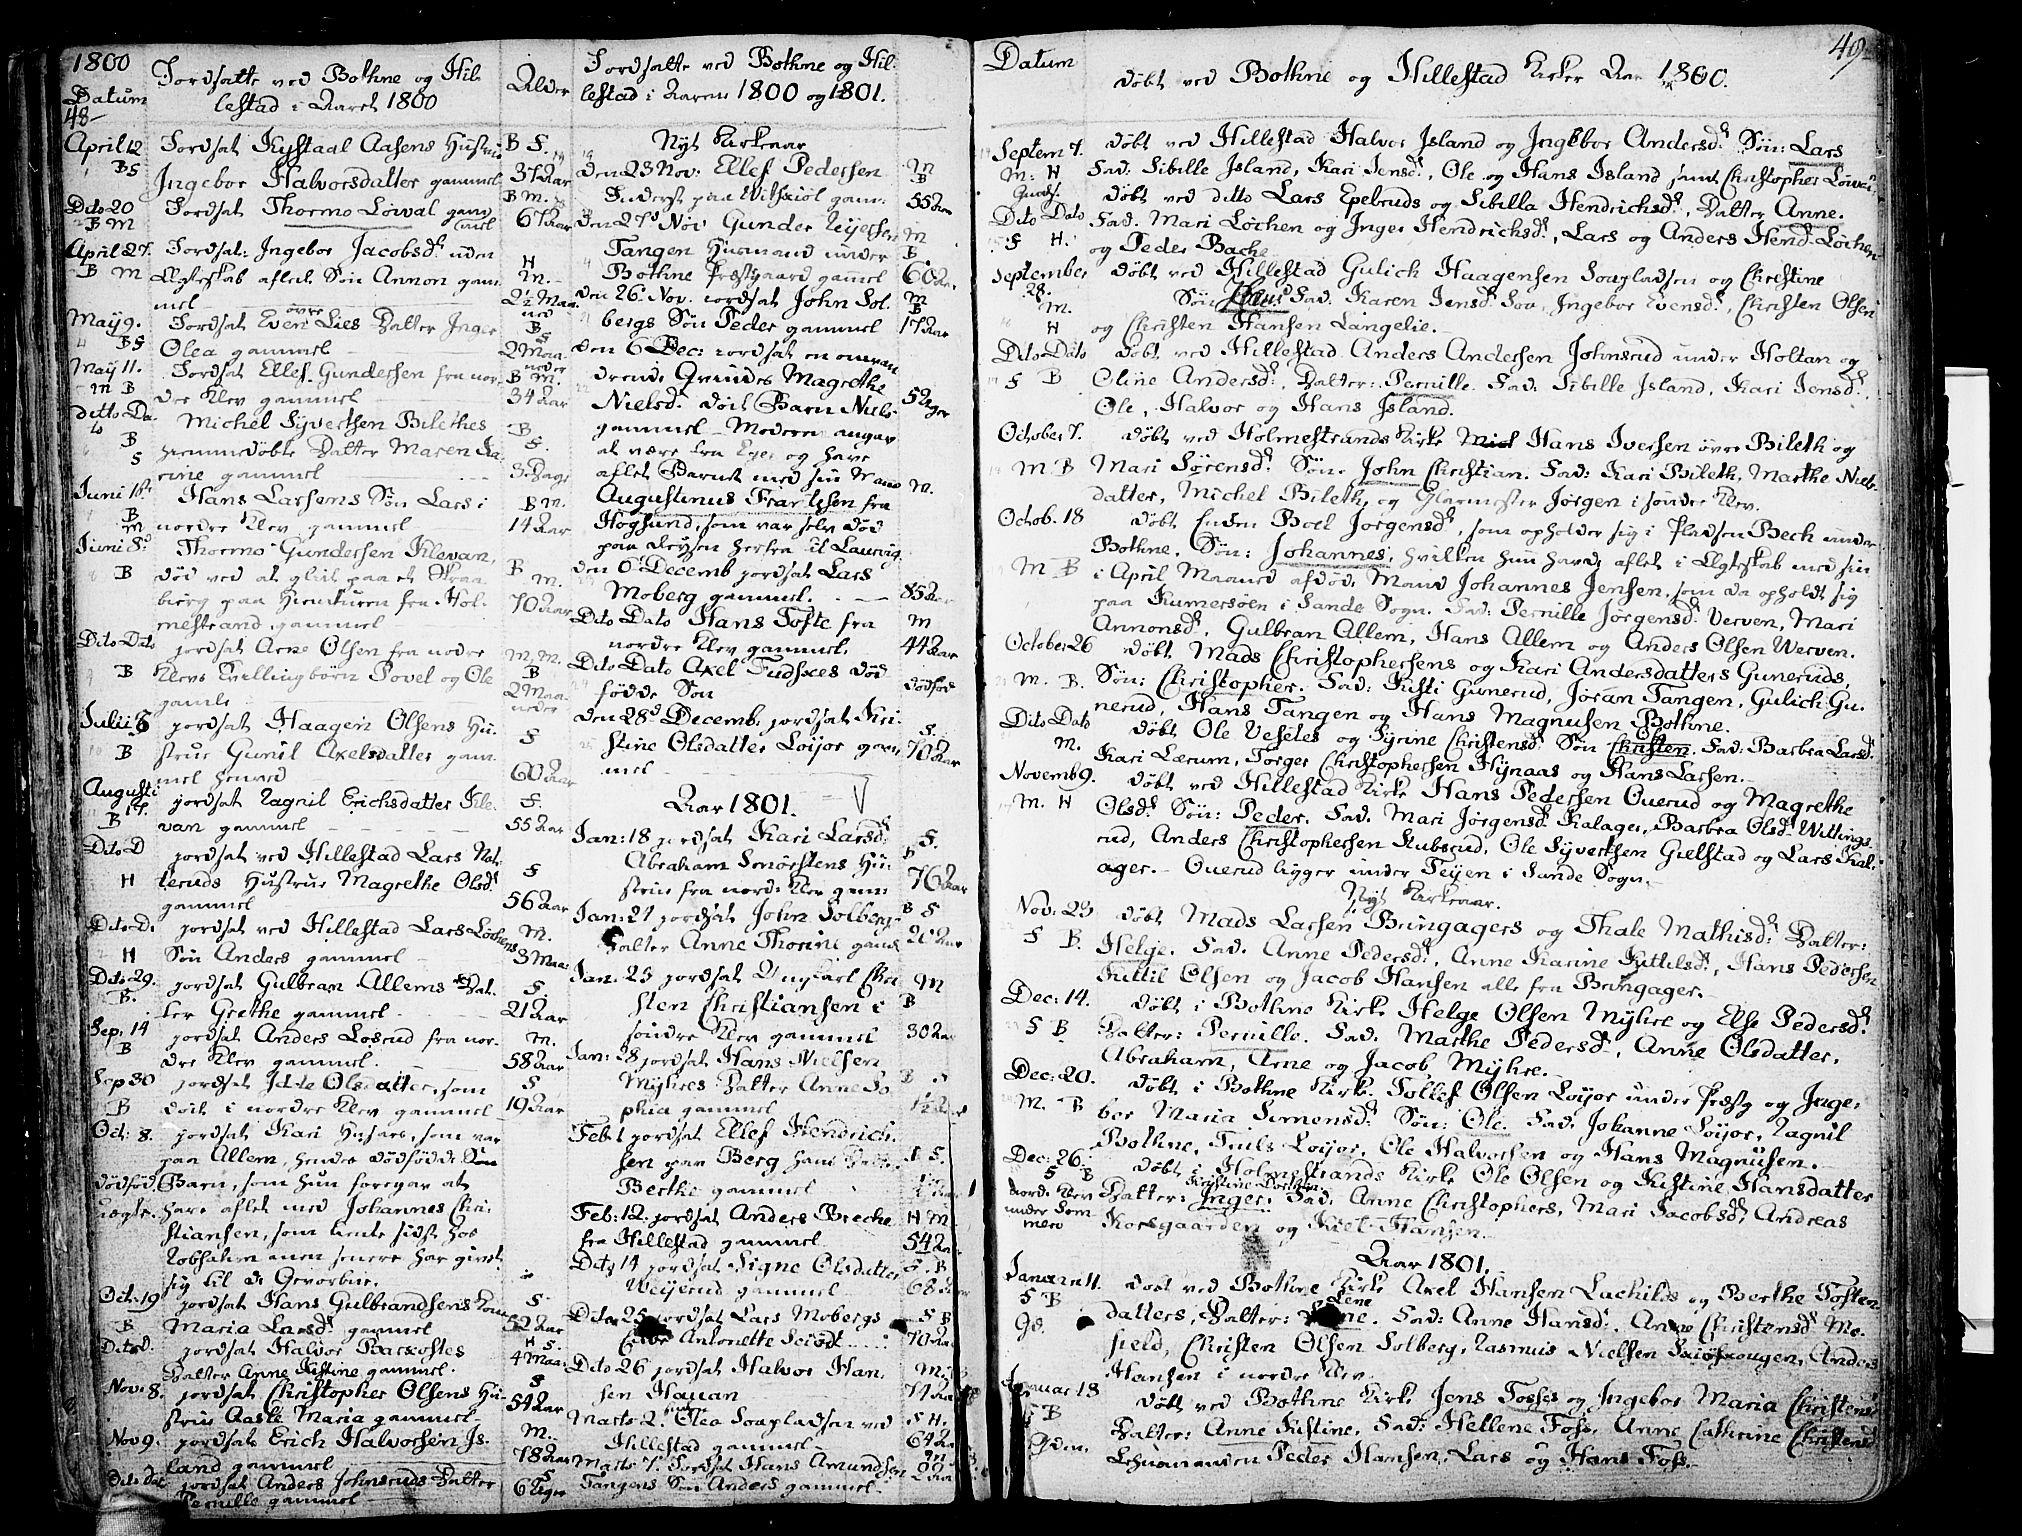 SAKO, Botne kirkebøker, F/Fa/L0003: Ministerialbok nr. I 3 /1, 1792-1844, s. 48-49